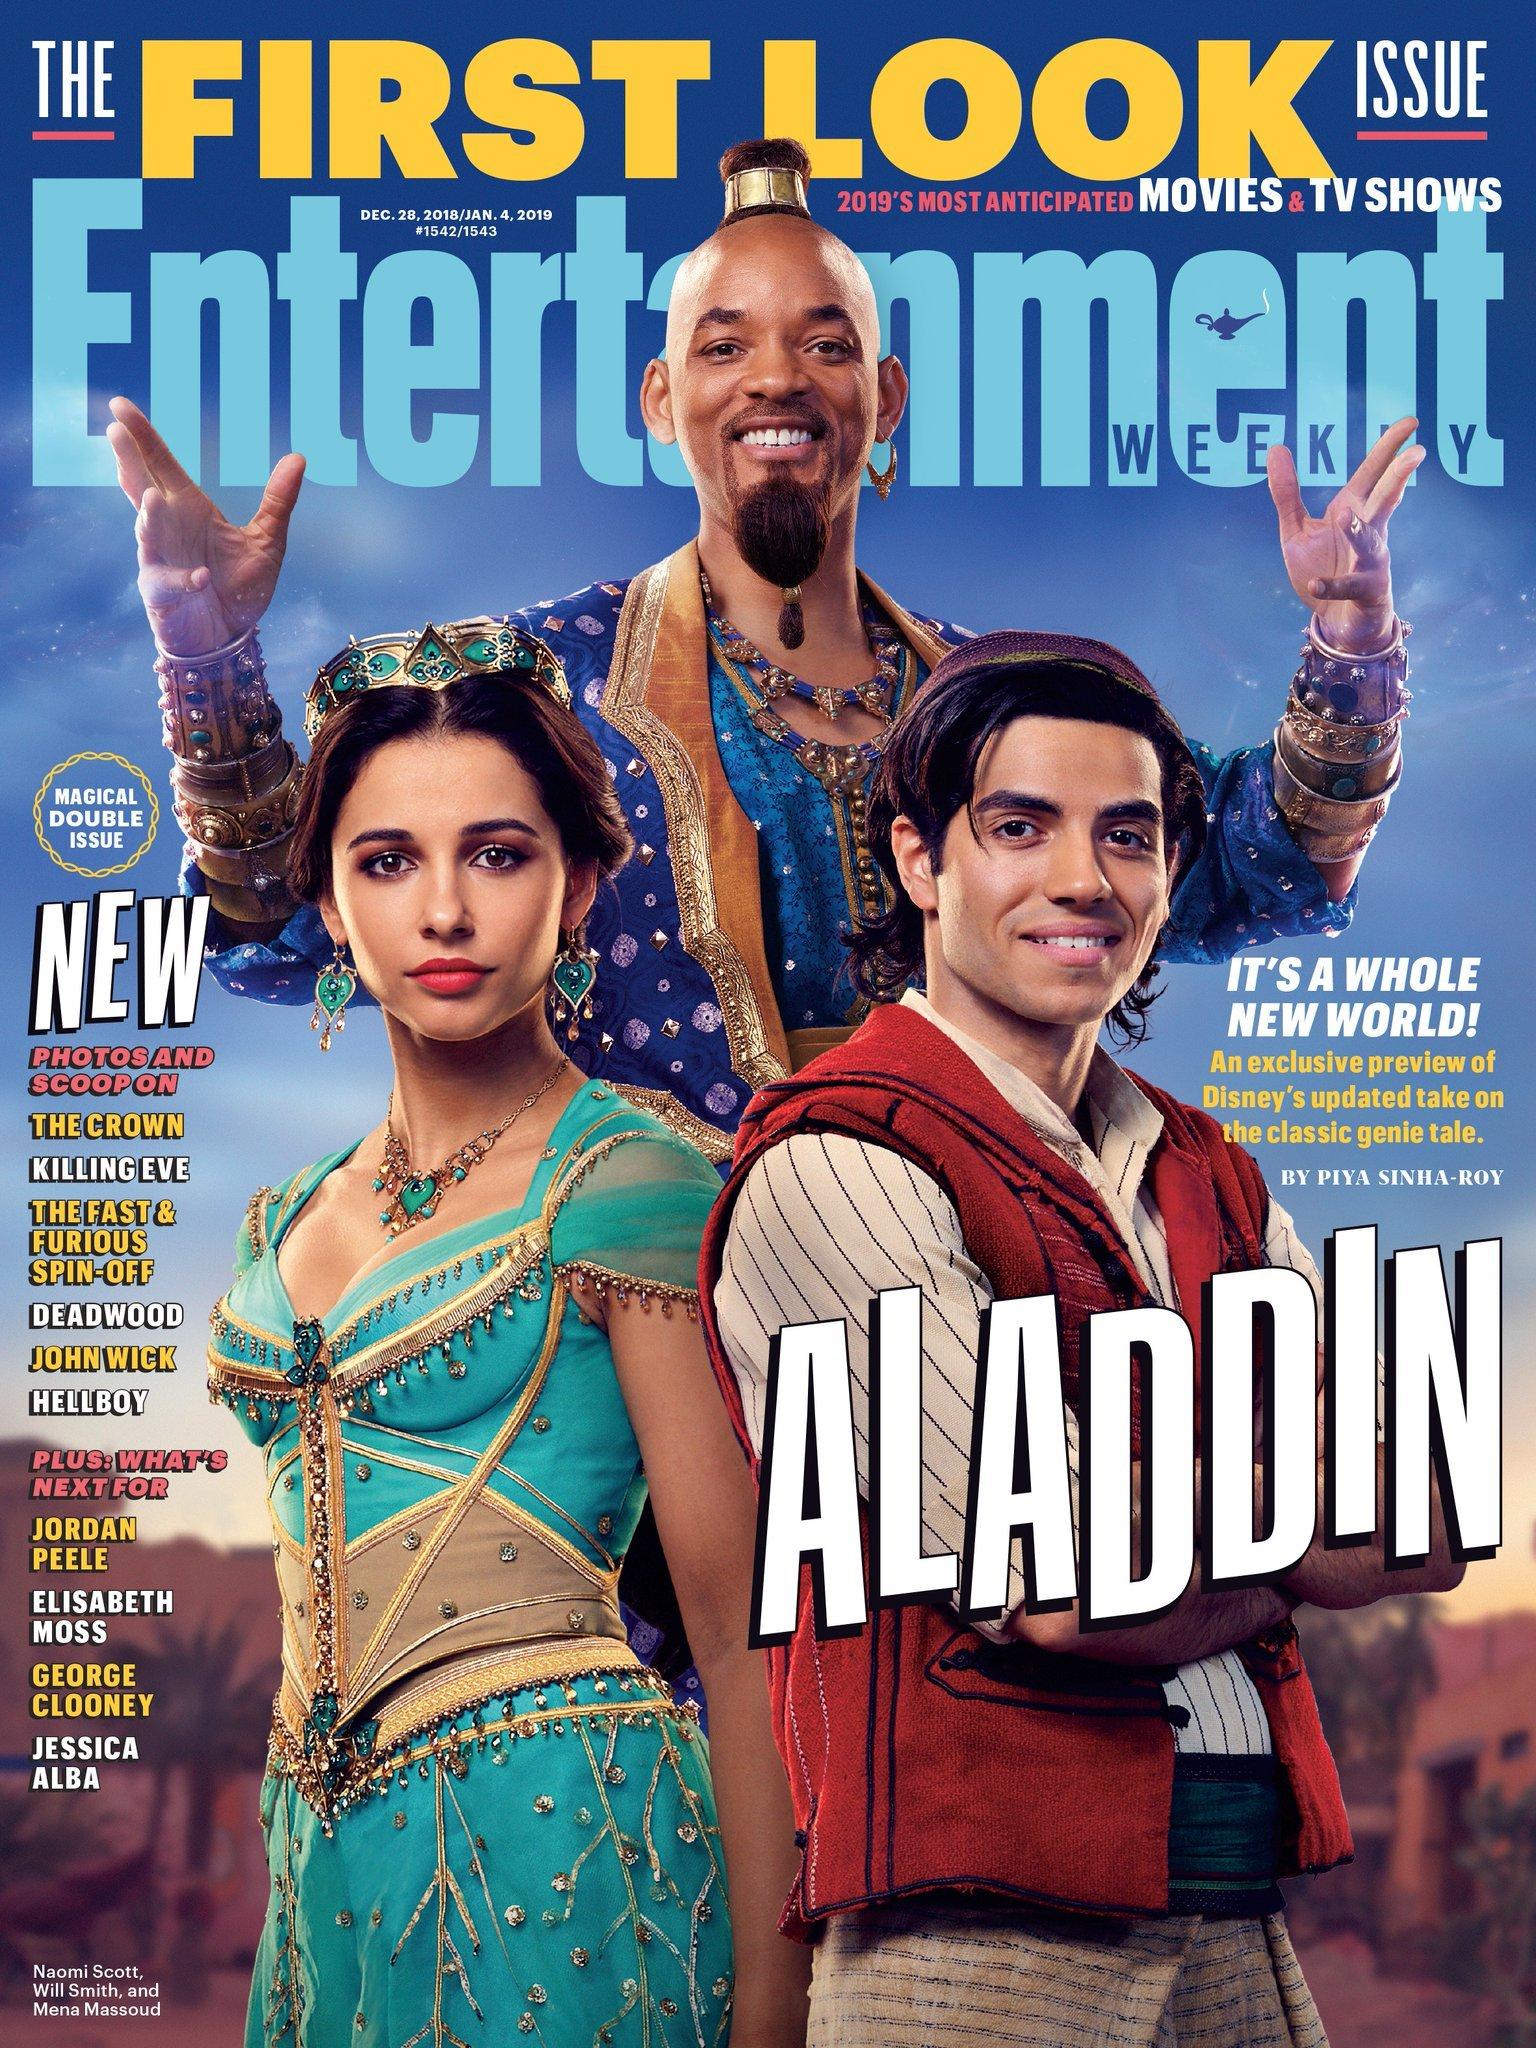 Portada de la revista Entertainment Weekly